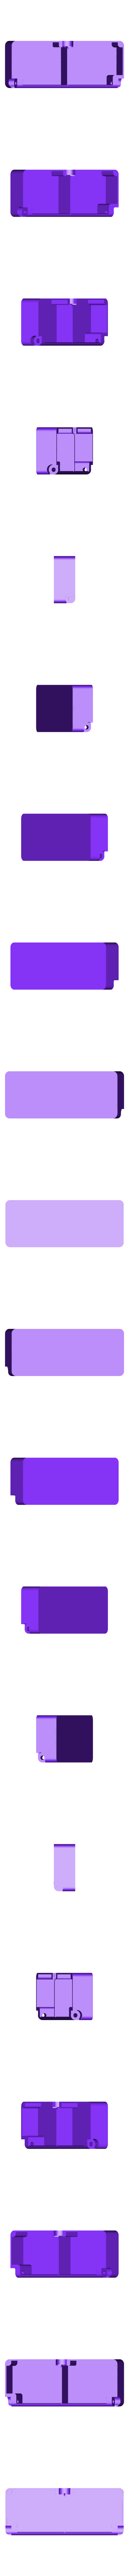 box-2.STL Télécharger fichier STL gratuit Boîte avec charnières cachées et verrouillage à clic • Objet à imprimer en 3D, 3d-dragar